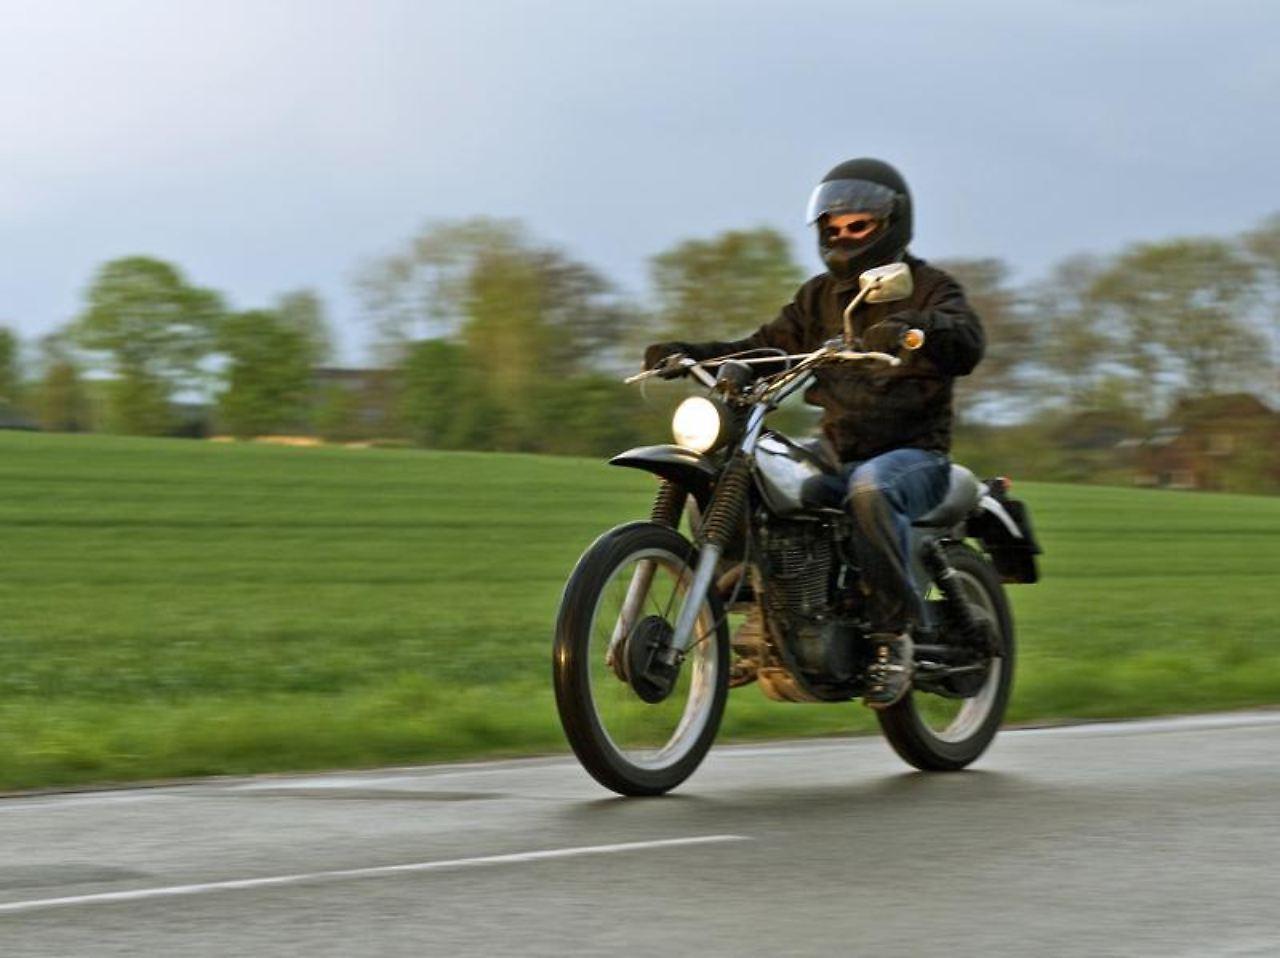 tipps f r den motorrad kauf die richtige maschine finden n. Black Bedroom Furniture Sets. Home Design Ideas